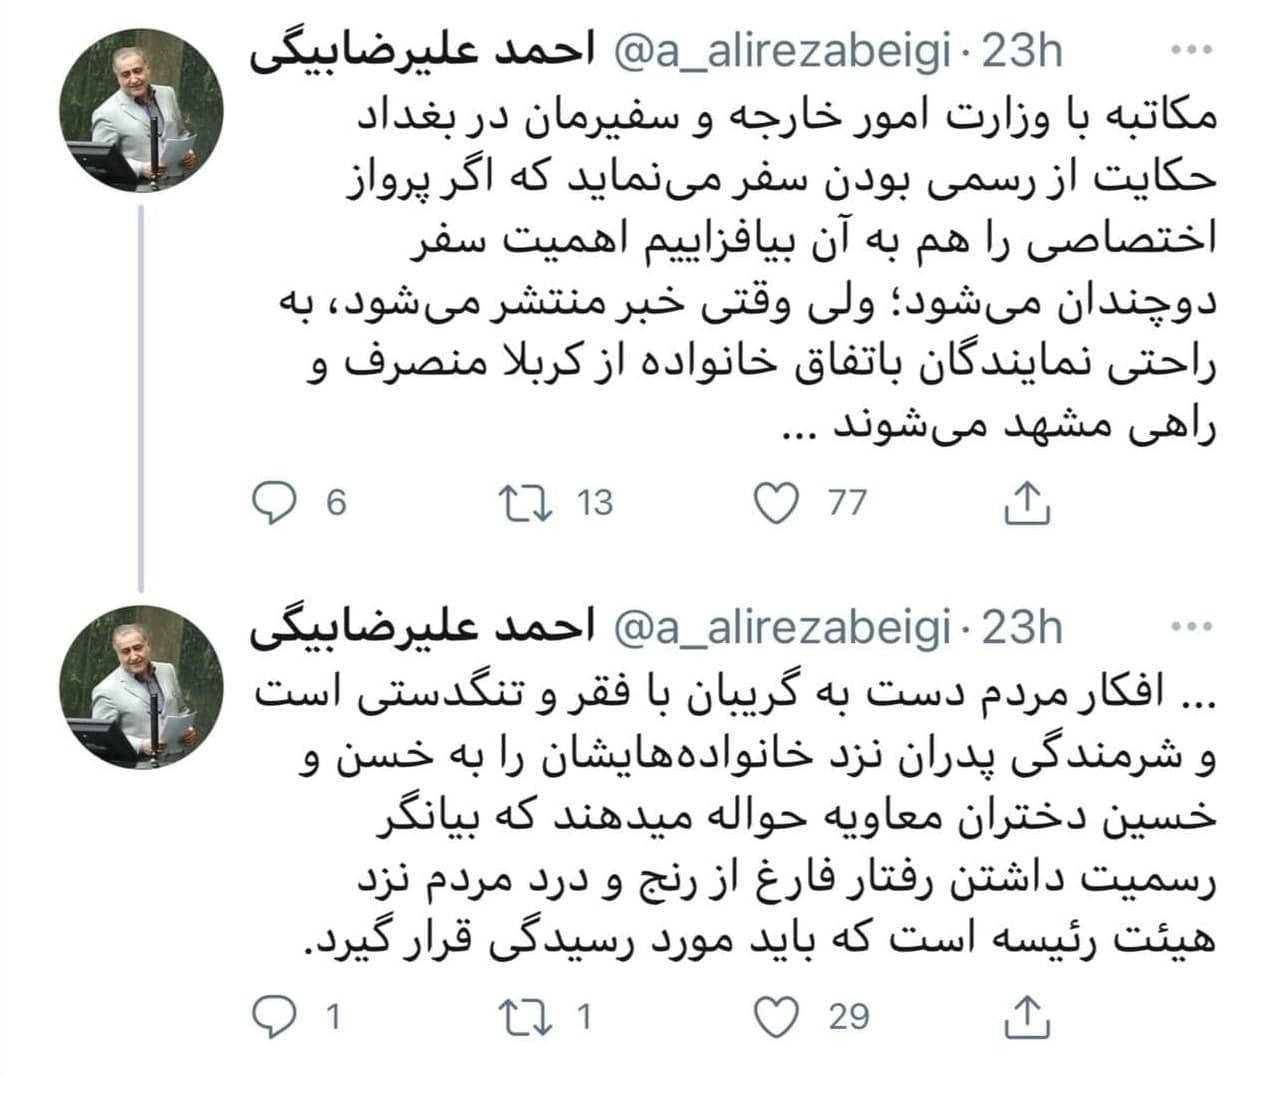 افشاگری یک نماینده از پشت پرده سفر نمایندگان به عراق!